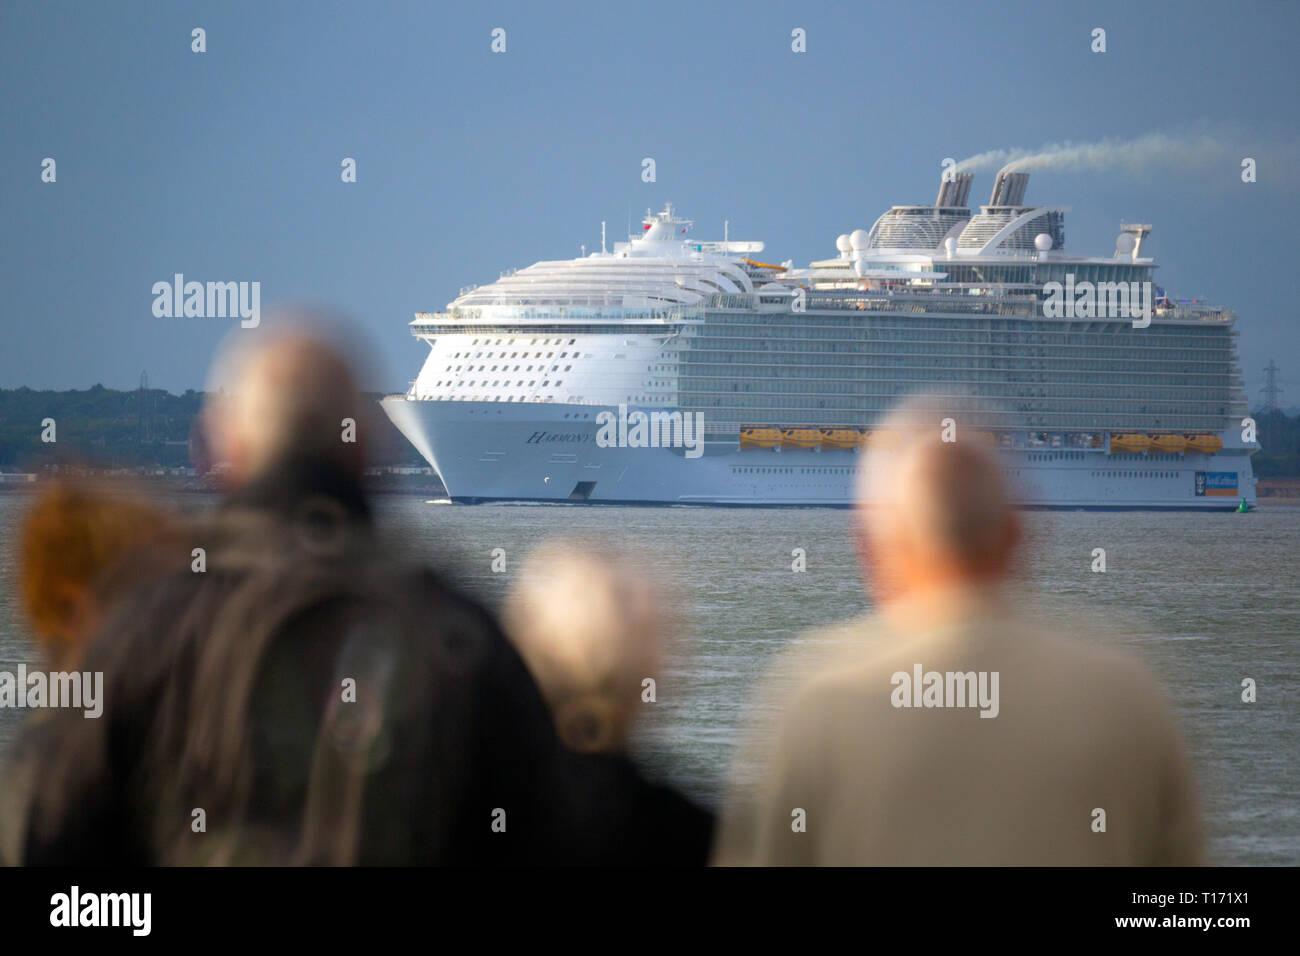 Massive, riesige, Umweltverschmutzung, Harmonie des Meeres, Kreuzfahrt, Schiff, Cowes, Isle of Wight, den Solent, verlassen, Southampton, Hafen, Terminal, England, Vereinigtes Königreich, Stockbild